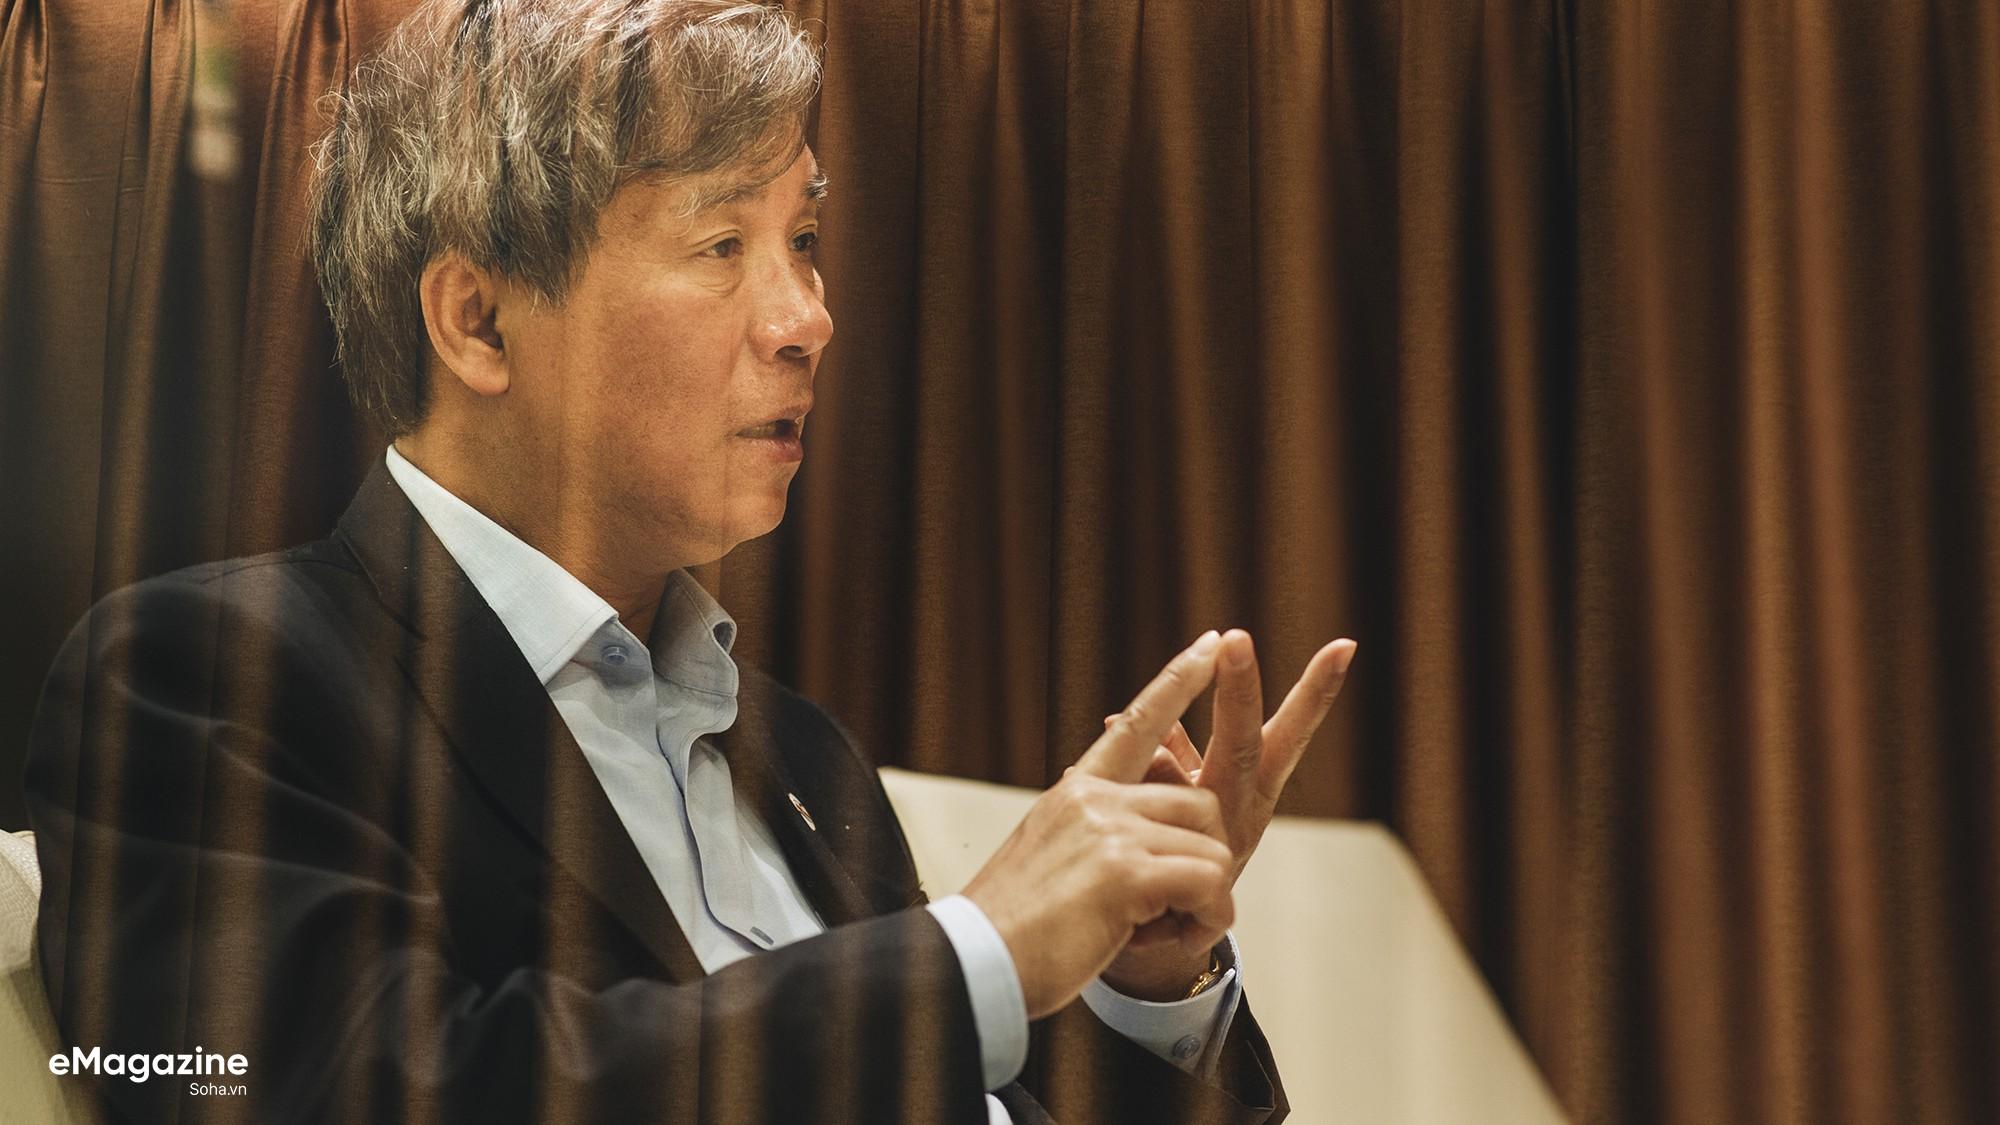 GS Nguyễn Anh Trí: Nếu kiếm tiền một cách chính danh, tôi là một trong những giáo sư giàu nhất VN - Ảnh 24.